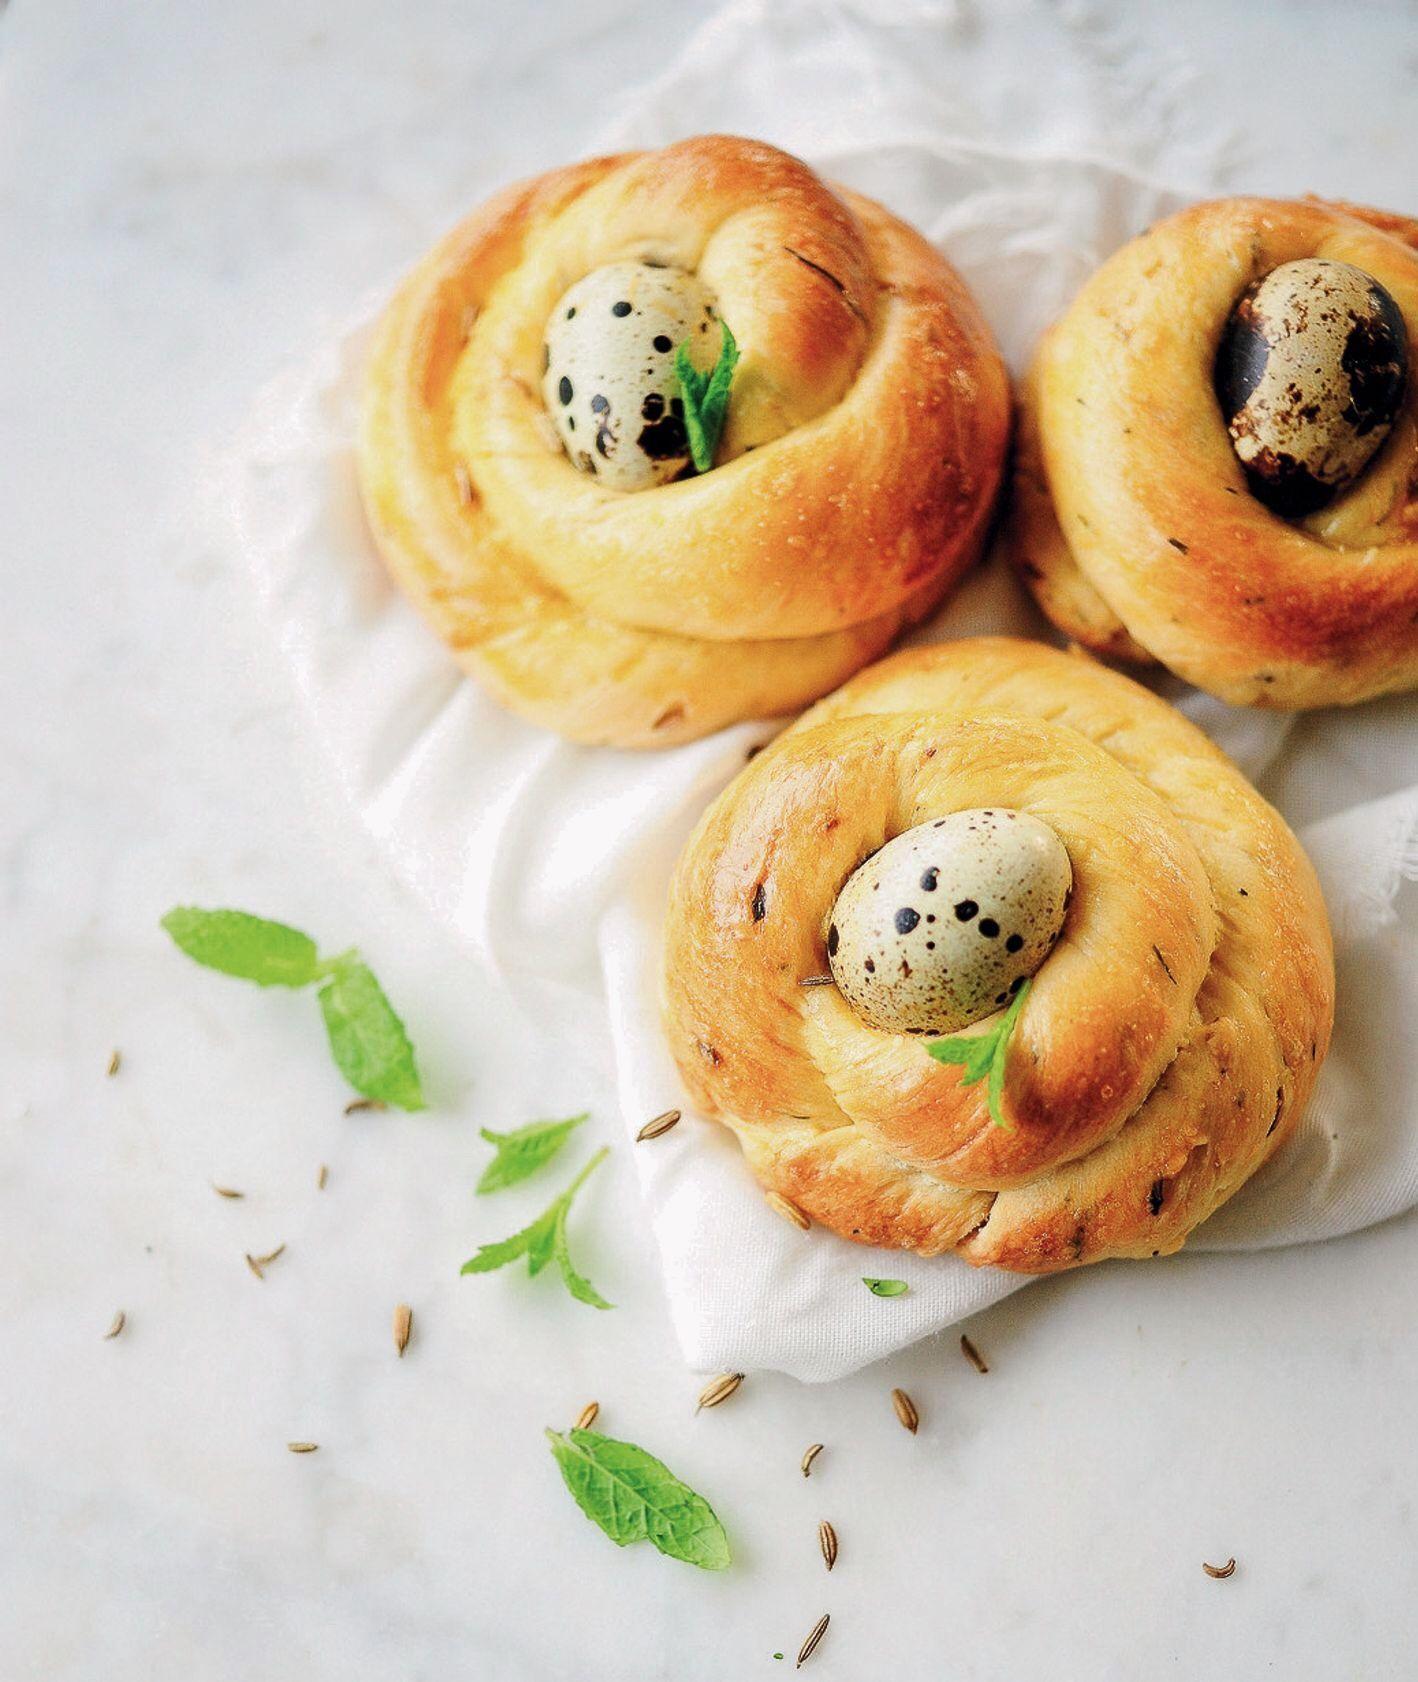 Drożdżowe bułeczki z miętą i kardamonem podane z jajkiem przepiórczym gotowanym na twardo, przepis i zdjęcie Anna Chwistek